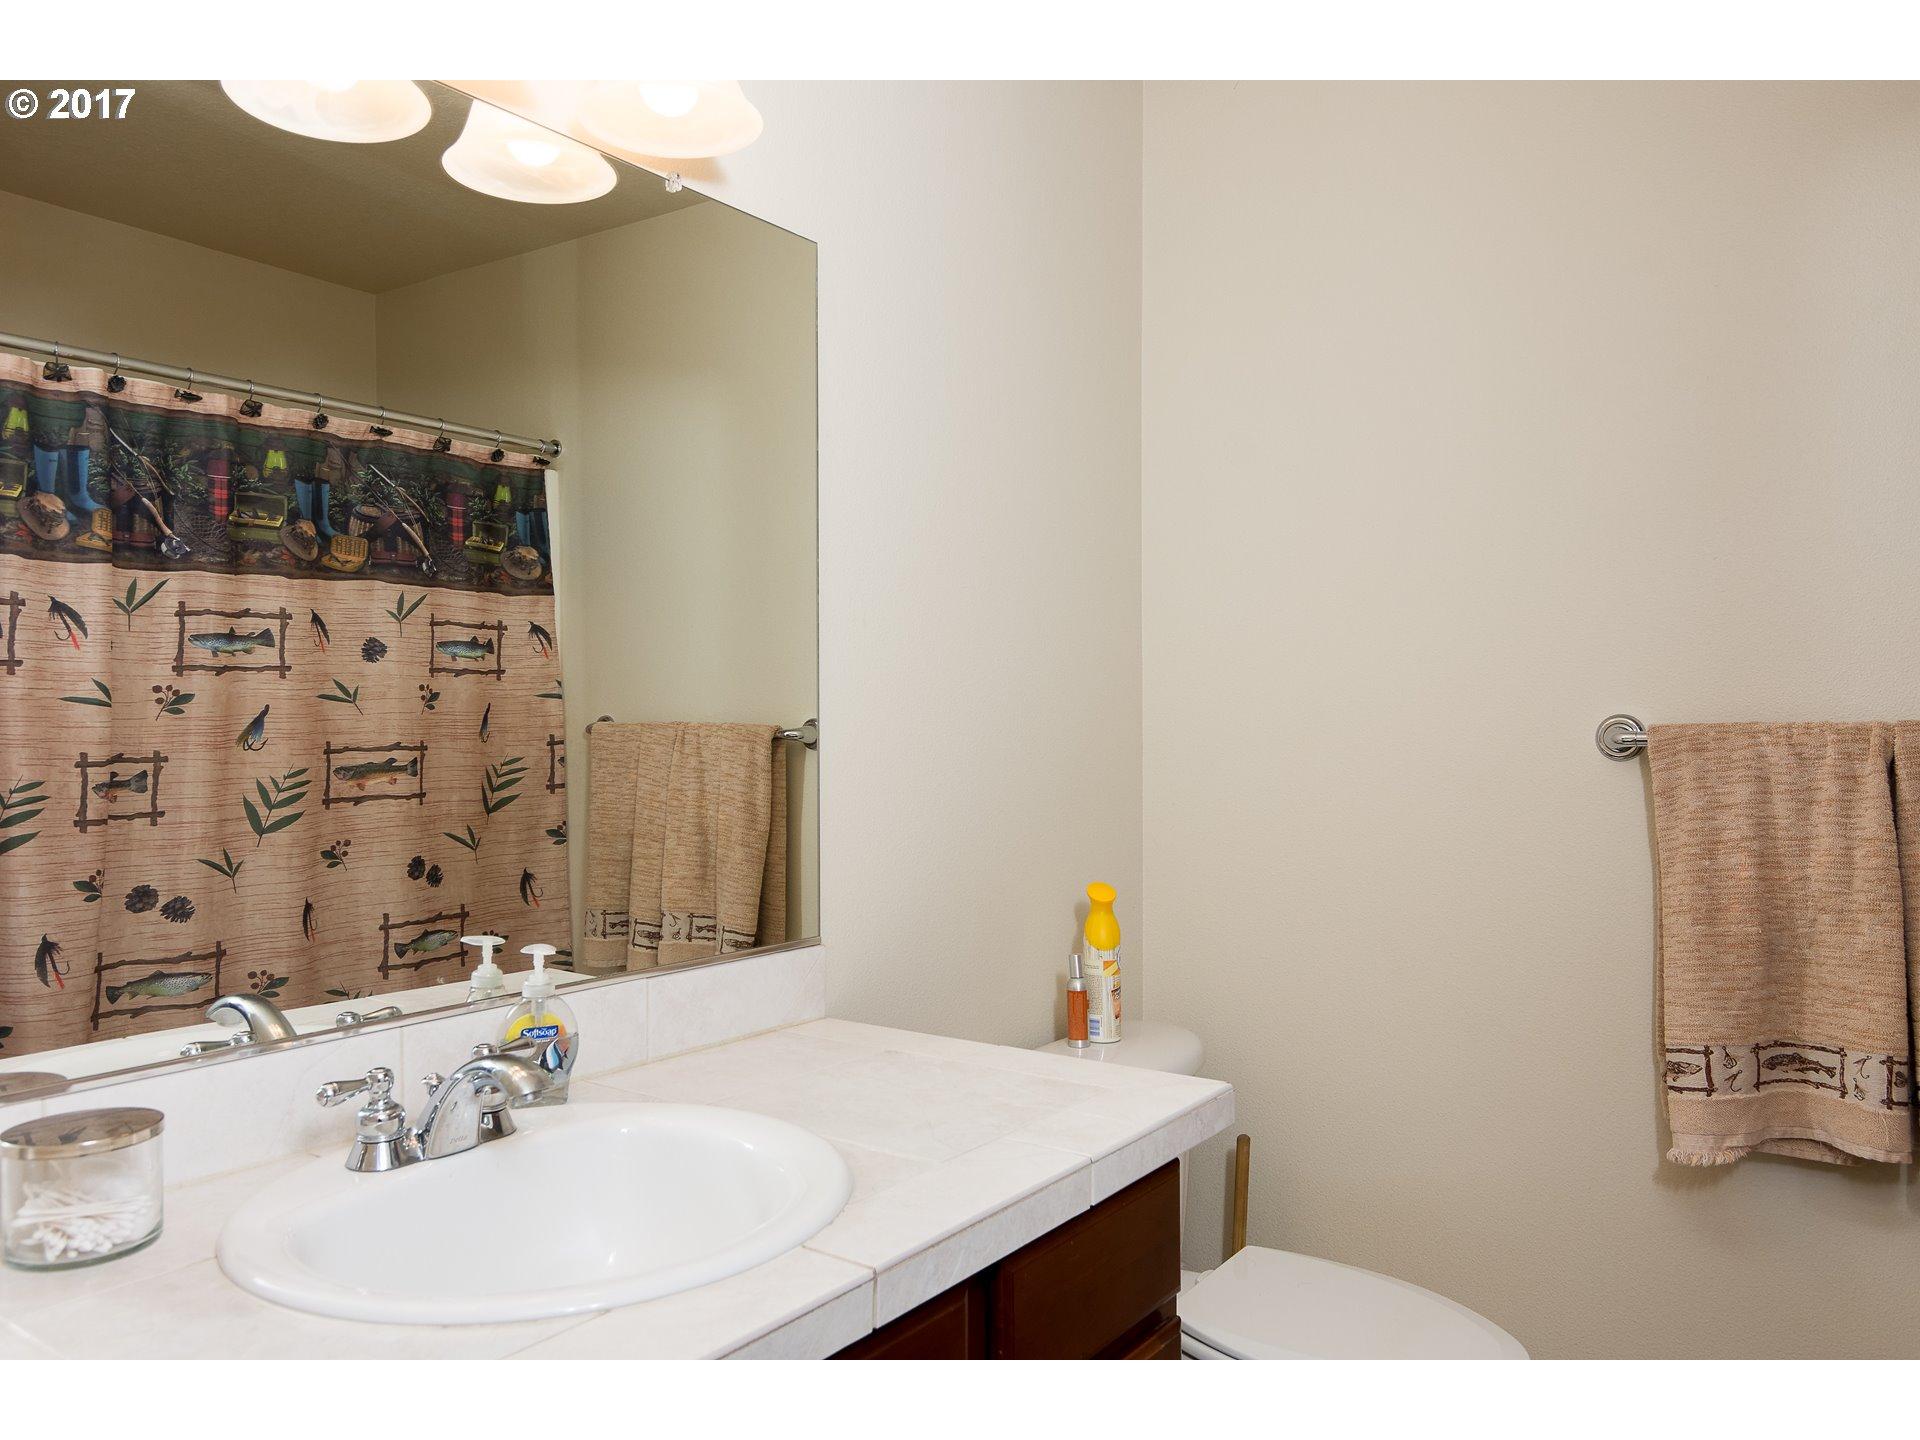 4967 HYDE LN Eugene, OR 97402 - MLS #: 17166658